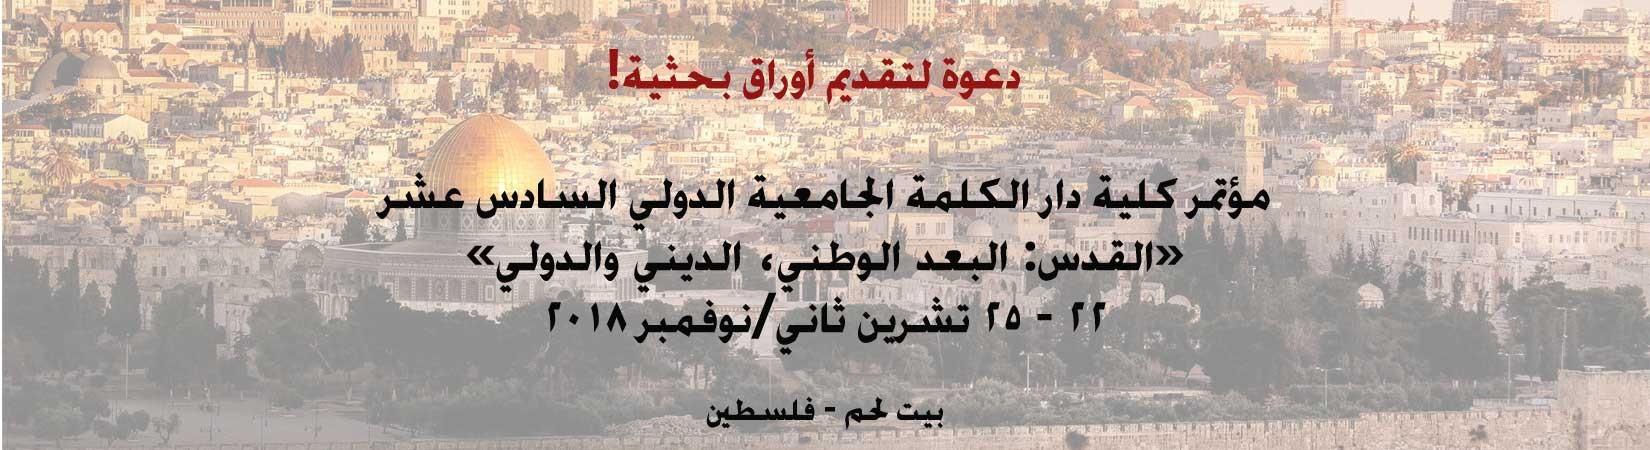 مؤتمر كلية دار الكلمة الجامعية الدولي السادس عشر القدس: البعد الوطني، الديني والدولي تشرين ثاني/نوفمبر 22-25/ 2018